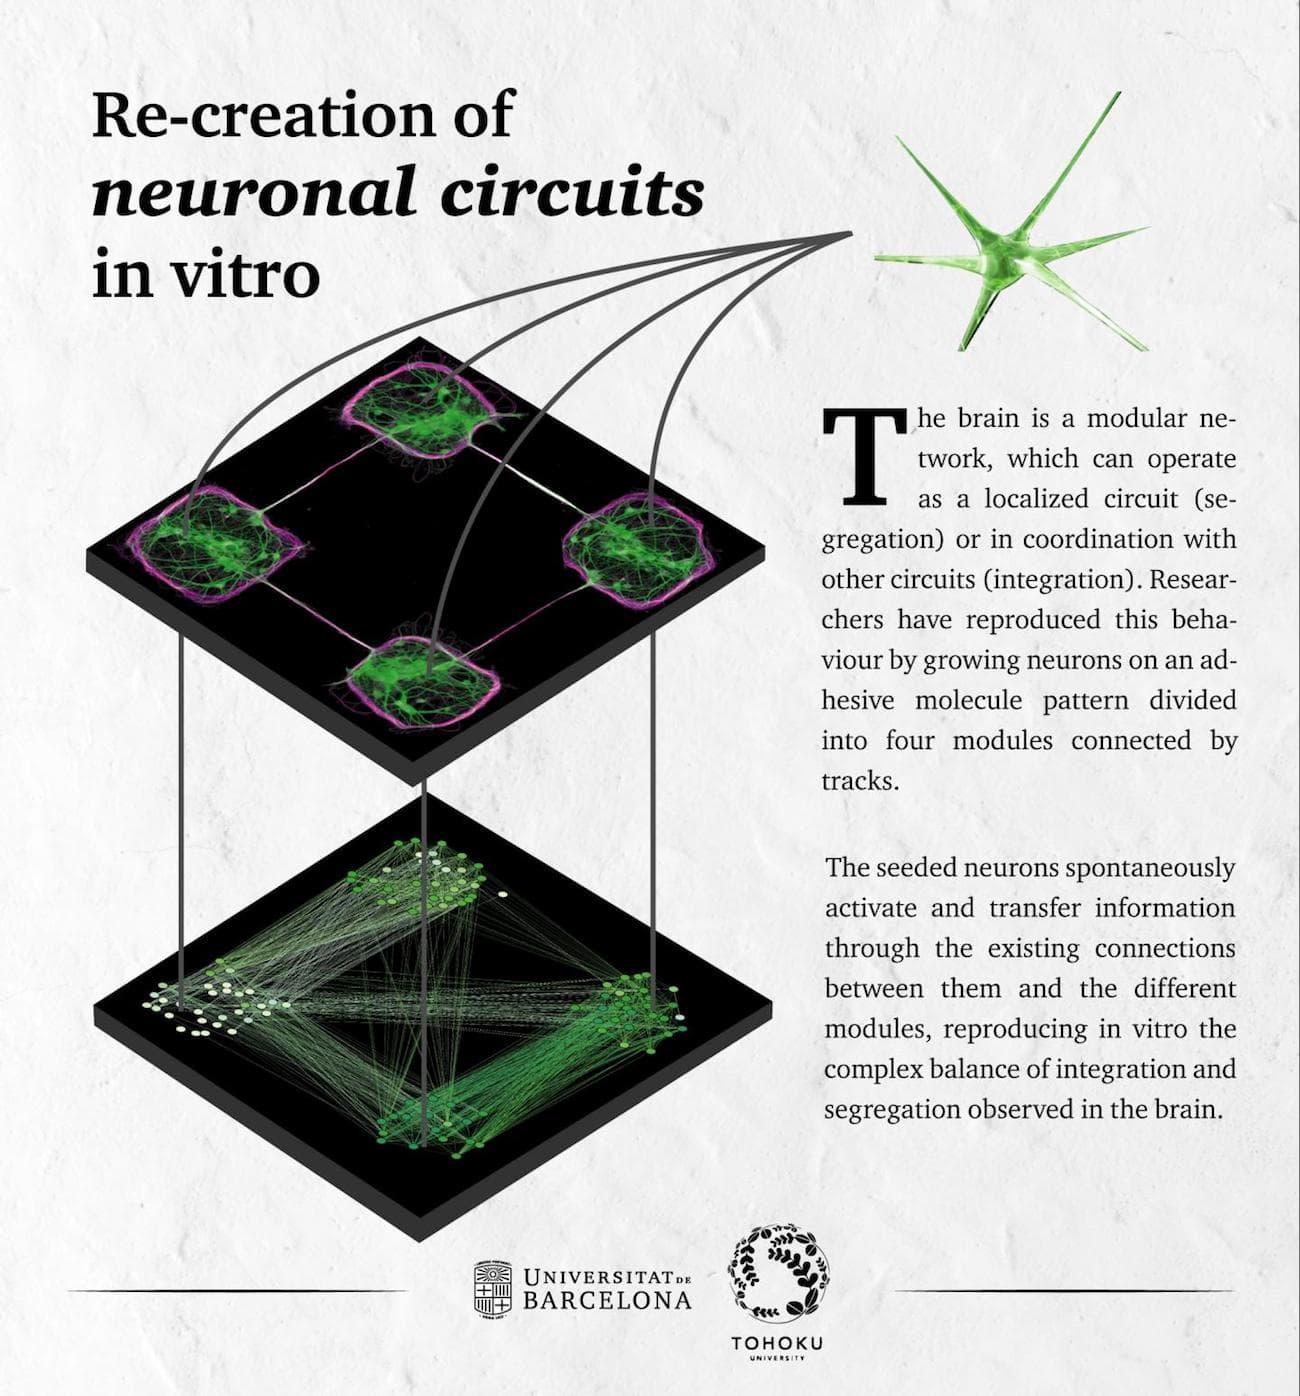 reseau neuronal in vitro